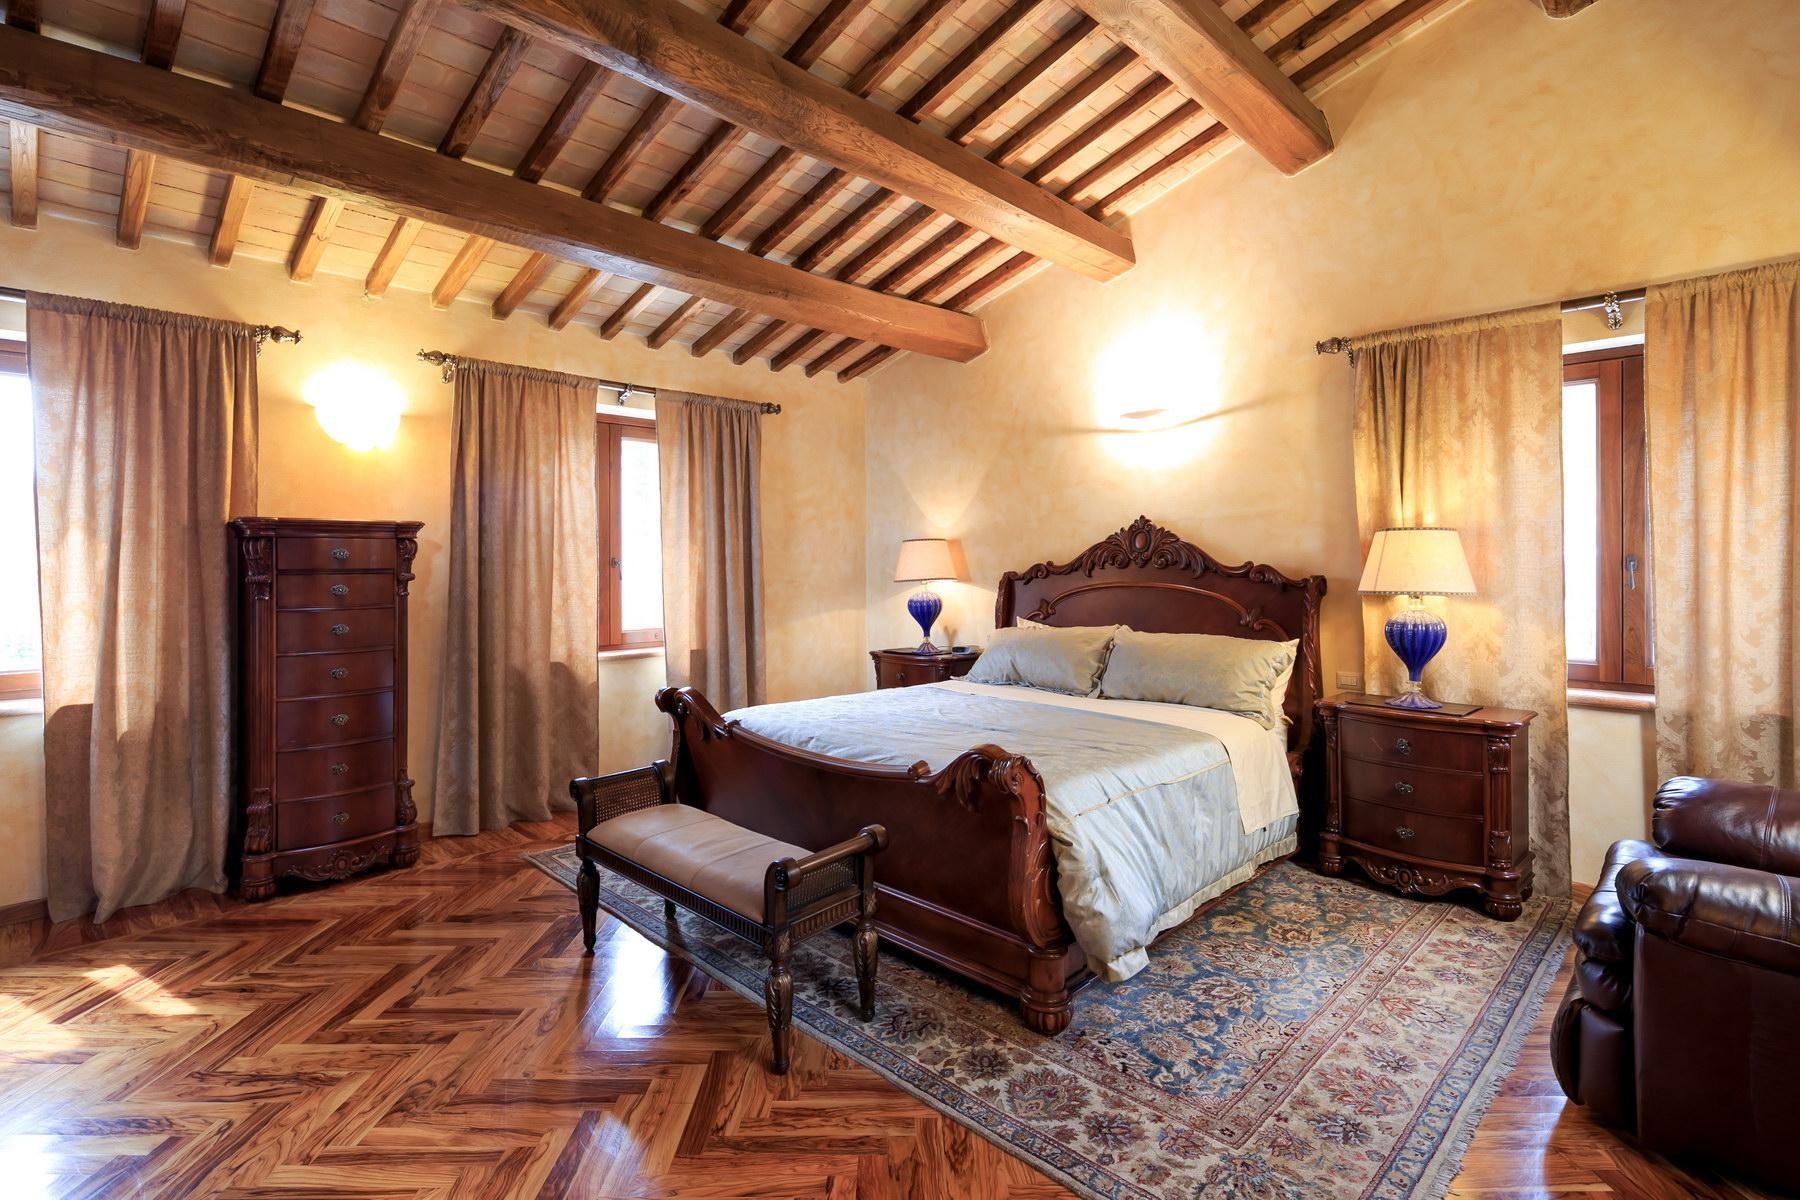 坐落在Umbria山丘的绝美农舍 - 10